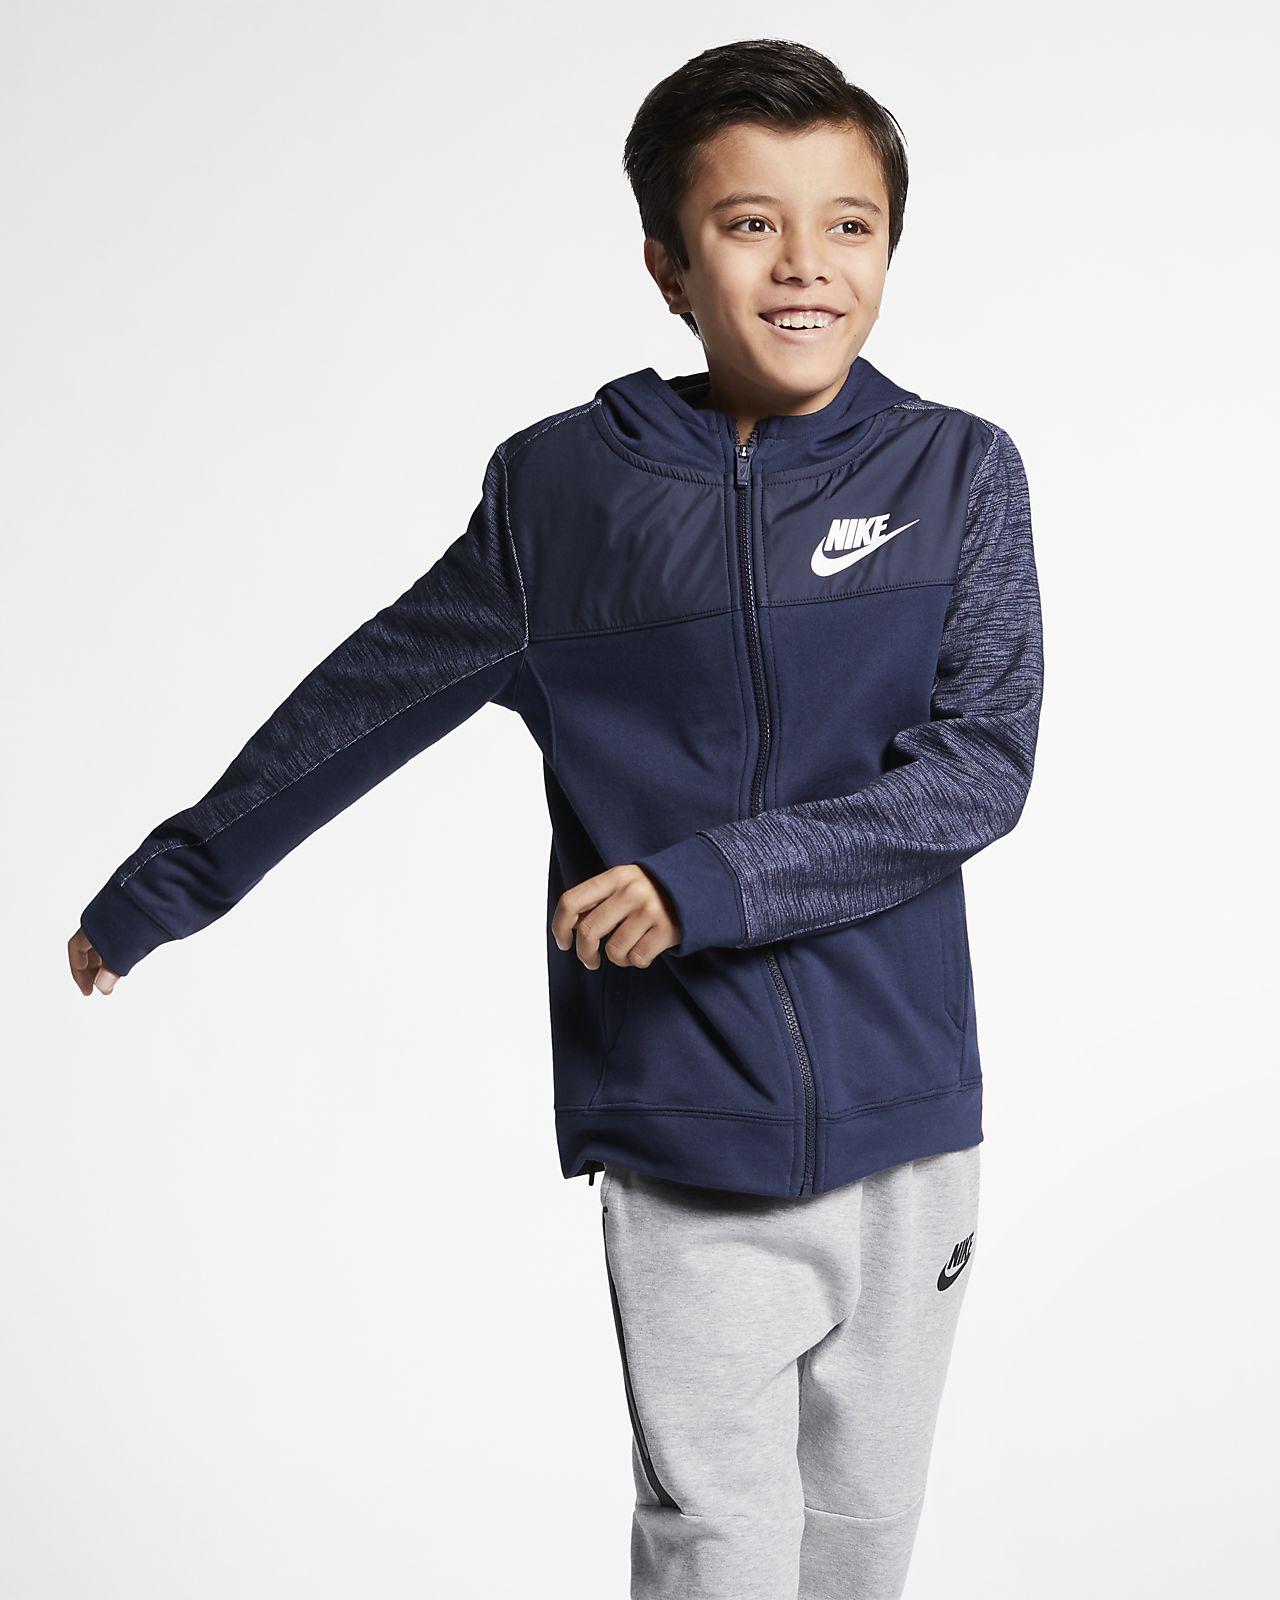 Huvtröja med hel dragkedja Nike Sportswear Advance 15 för killar